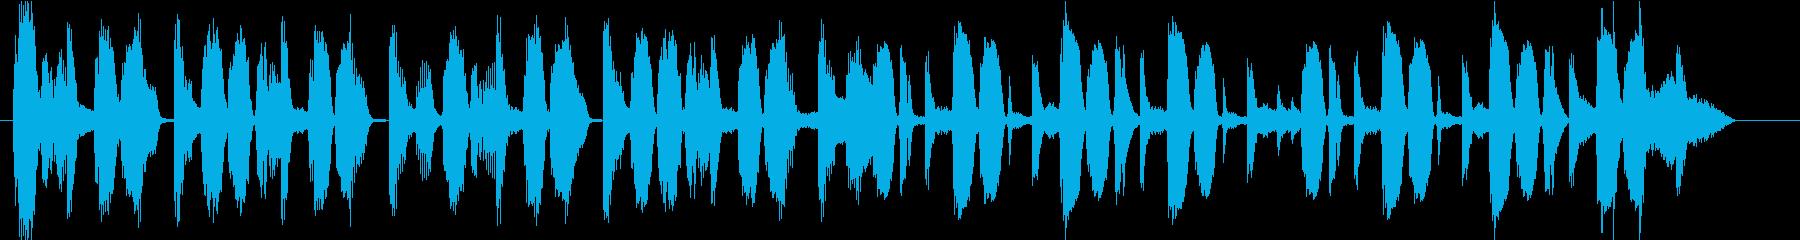 場面転換などに使える無機質なジングルの再生済みの波形